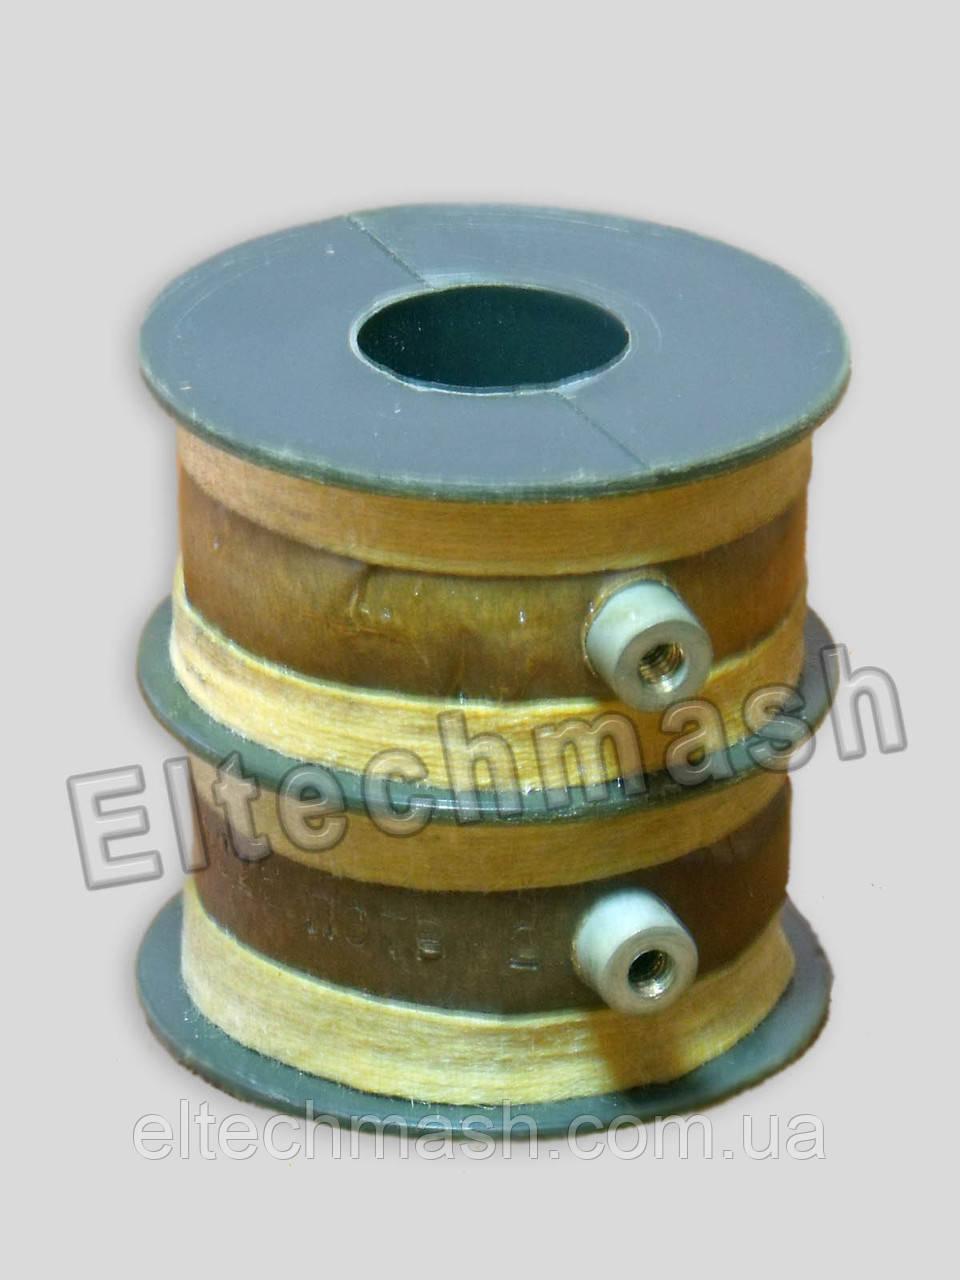 Катушка 5ТХ.520.026.4 к вентилю ВВ-3 (110В)